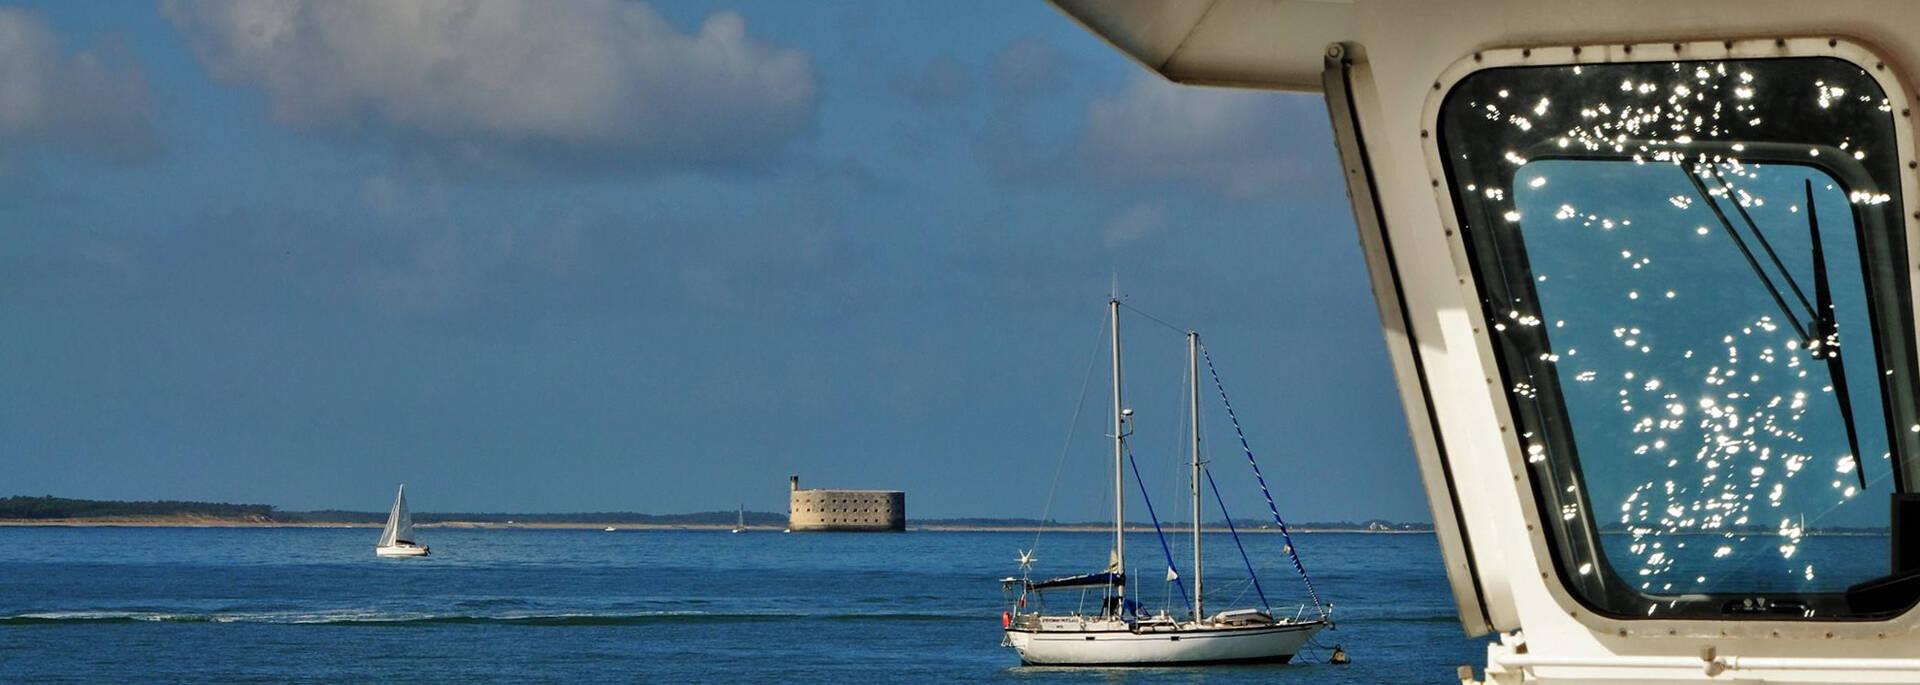 Profitez de la vue sur Fort Boyard pendant votre traversée en bateau entre Fouras et l'île d'Aix - © Christelle Derand